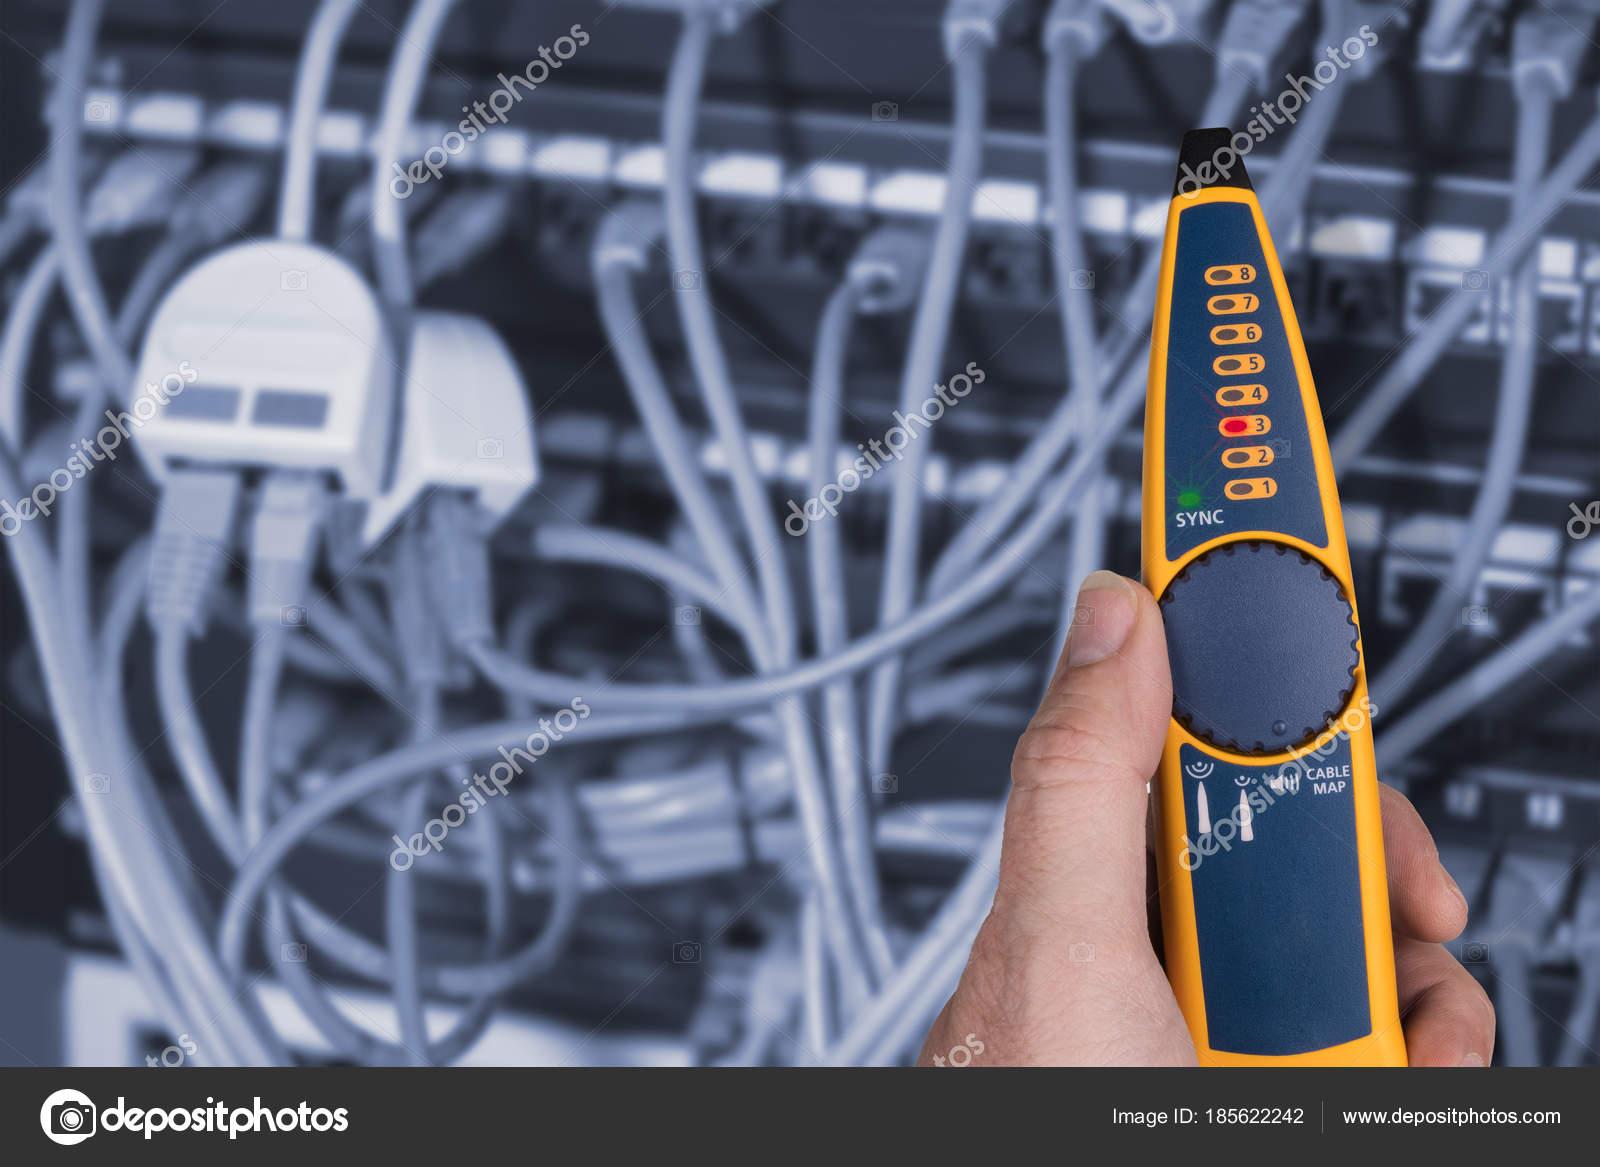 Messung, in Patch-Panels der Rack-Gehäuse angeschlossen — Stockfoto ...